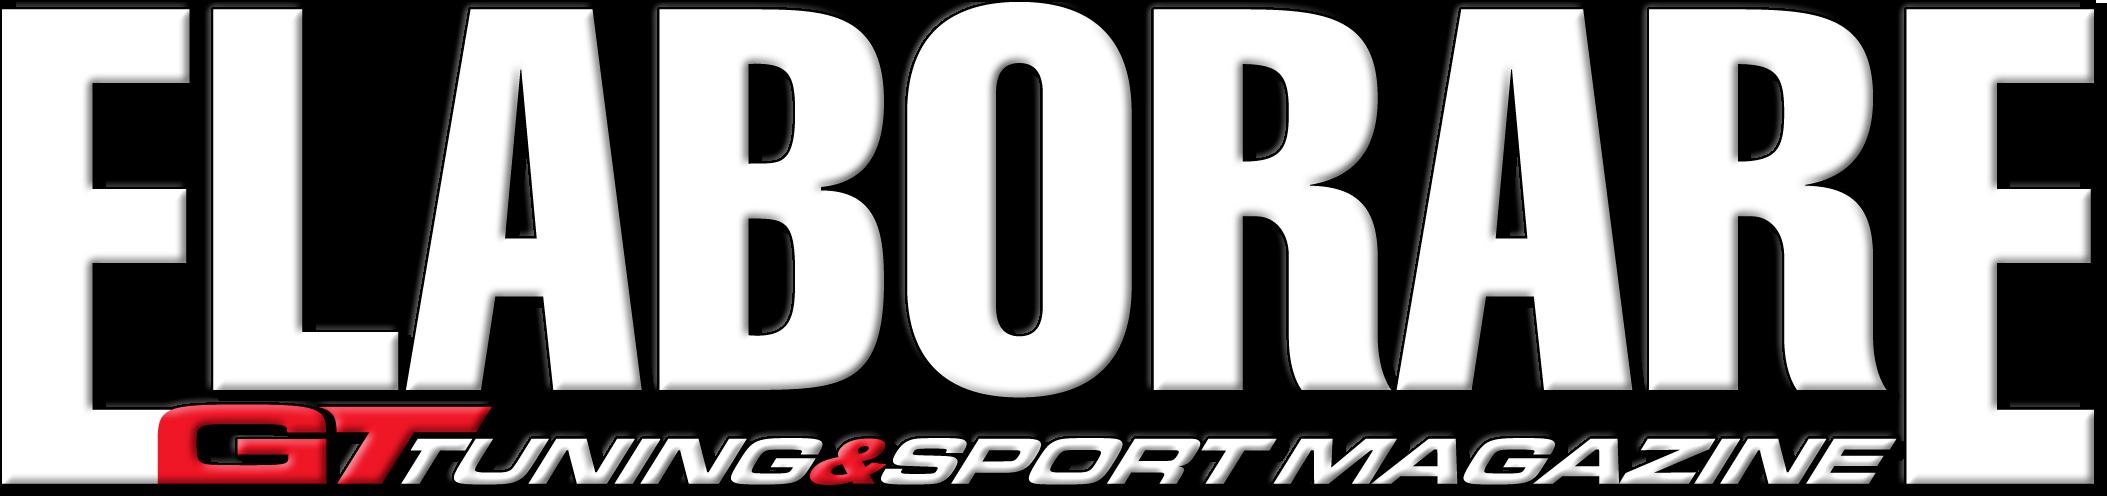 Tuning - ELABORARE Gt Tuning Sport & Magazine  elaborazioni preparazioni modifiche track day